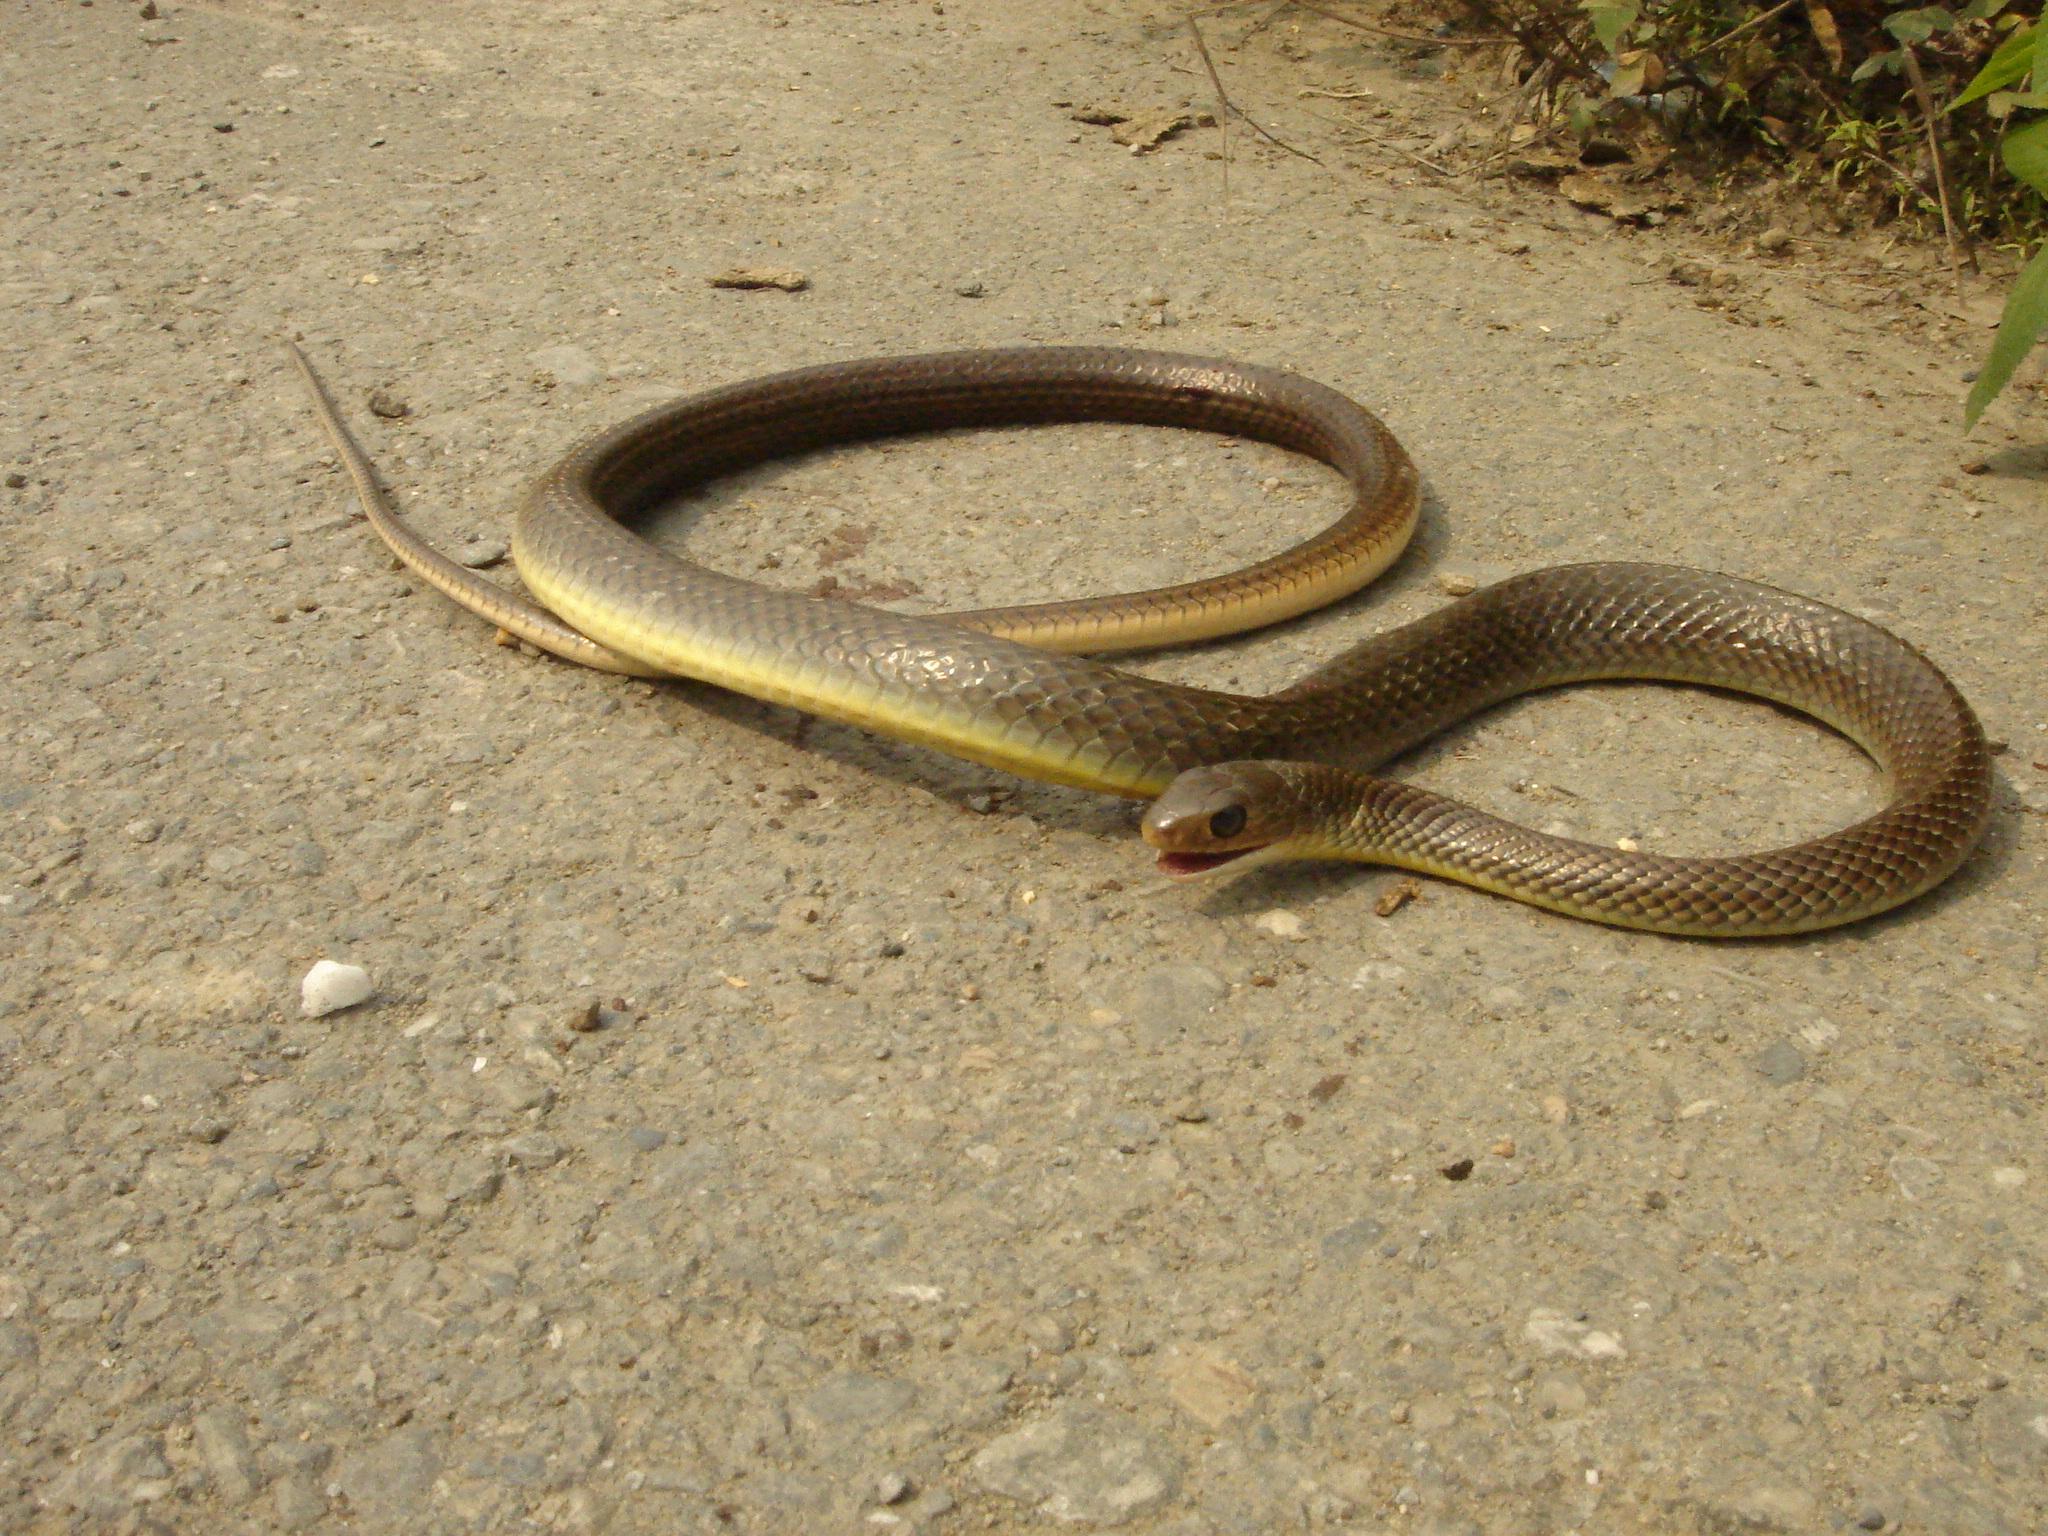 世界上最胆小灰鼠蛇温顺无毒,但为什么和剧毒的金环蛇眼镜蛇齐名